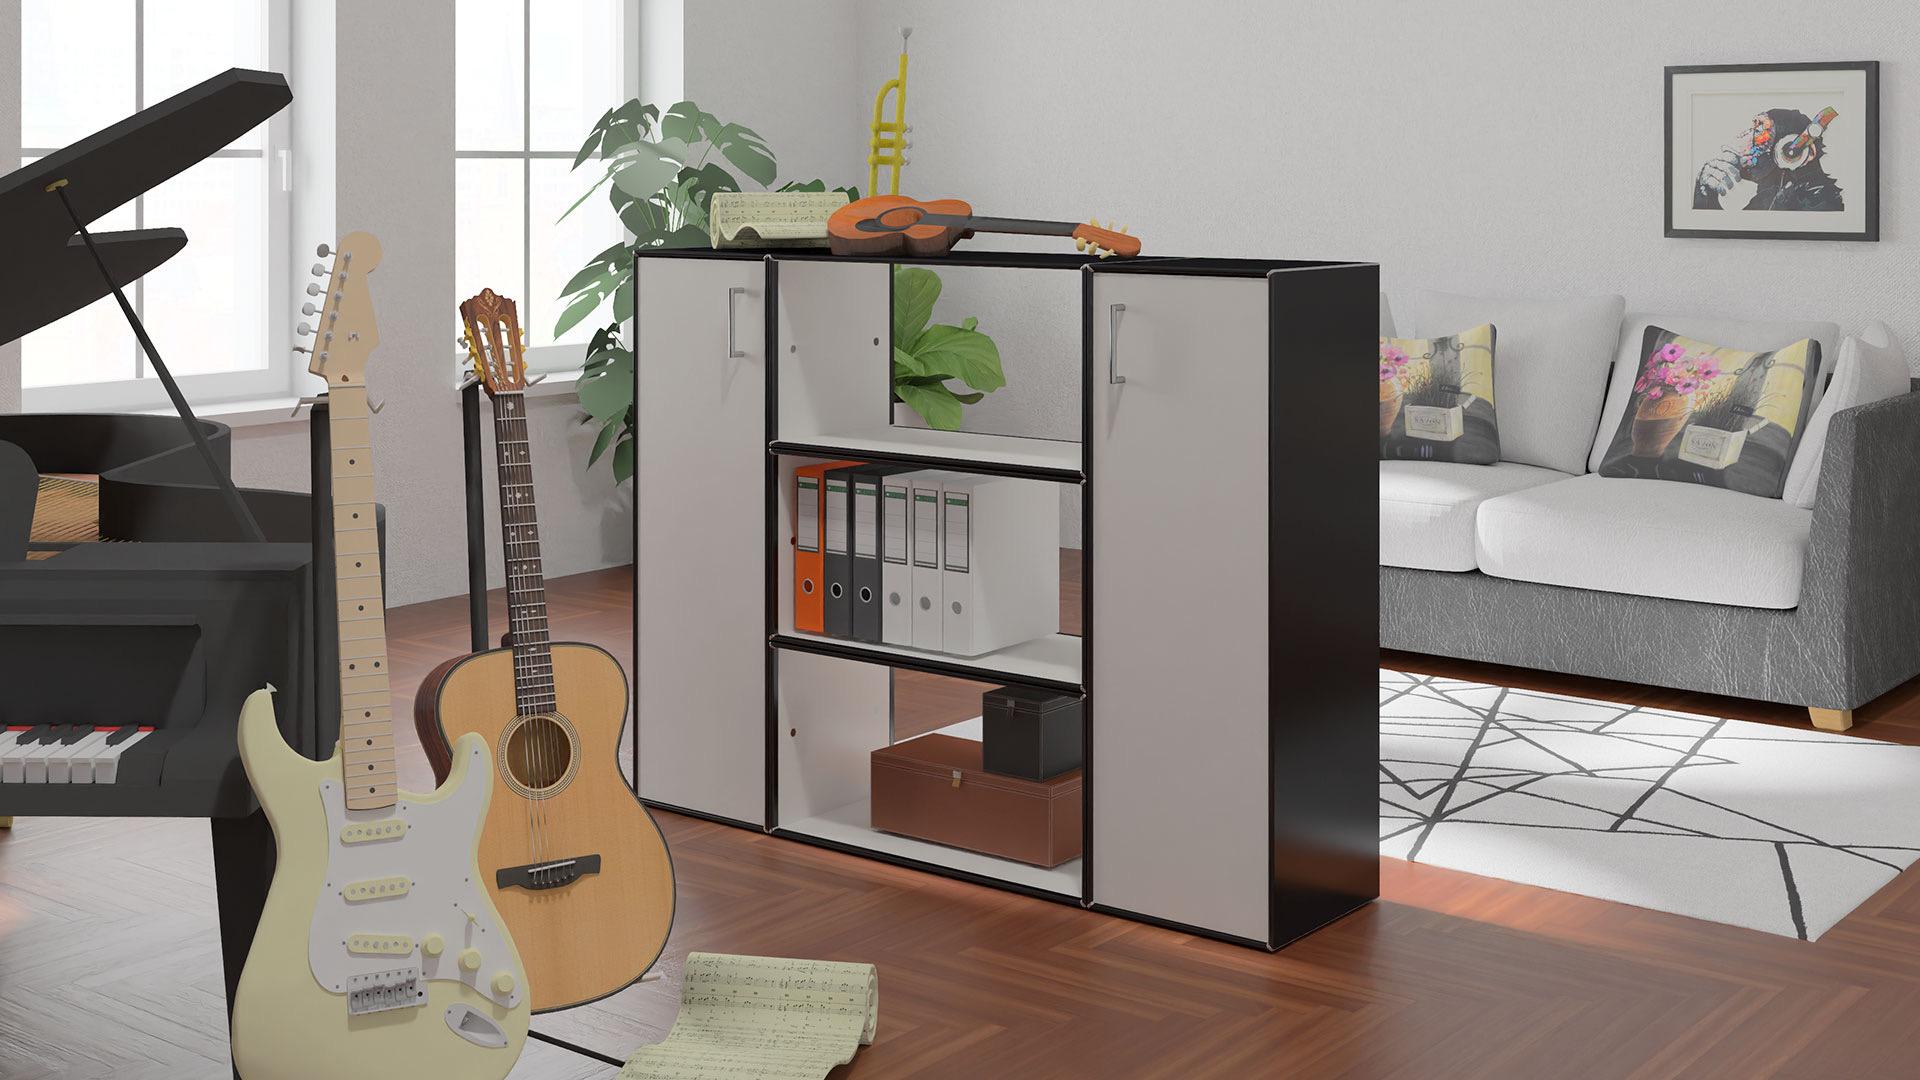 Design-Moebel-Stauraum-Raumteiler1-element-x-mauser-16-9XT8sCAvOZpMUN